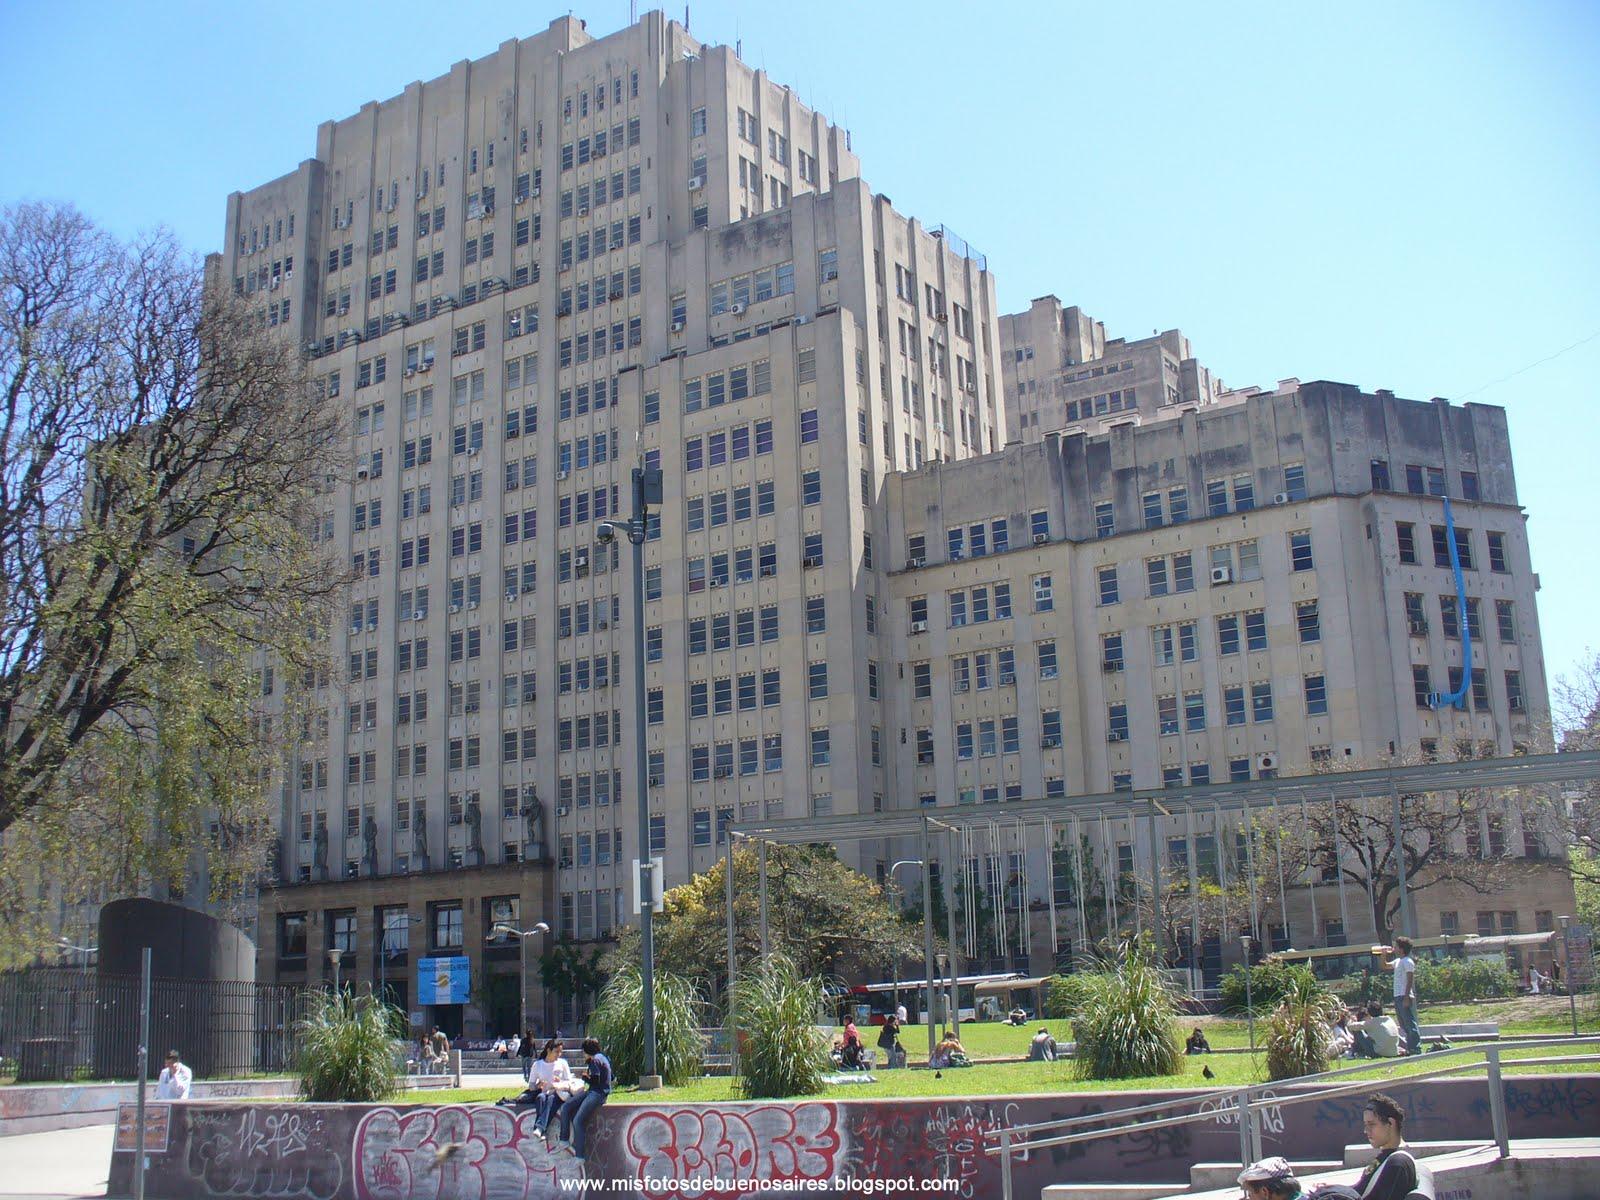 Facultad De Medicina  UBA Image: Opiniones De Facultad De Medicina (Universidad De Buenos